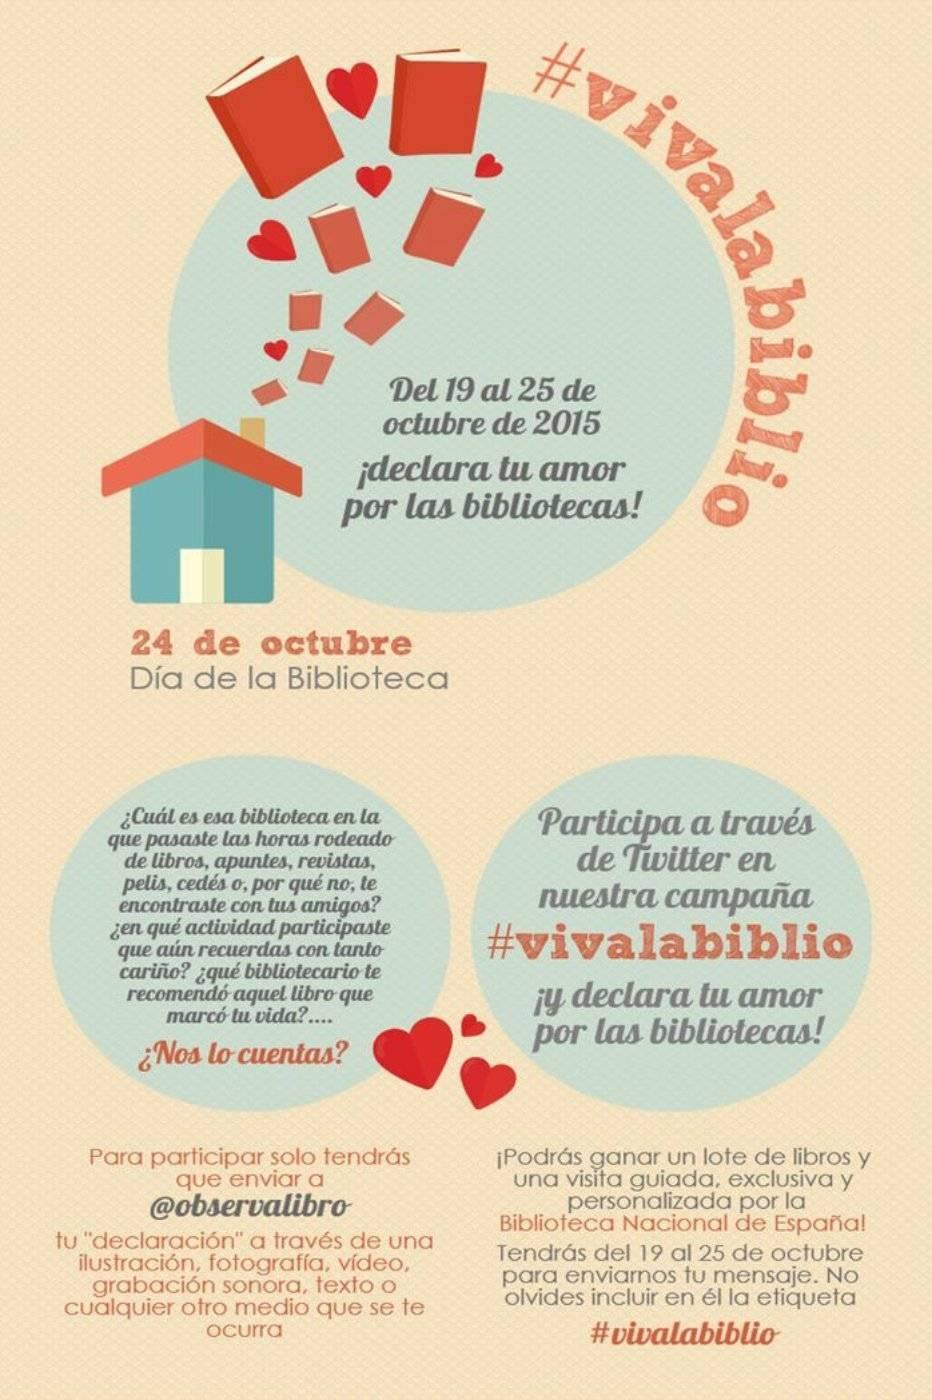 Campaña #vivalabiblio de apoyo a las bibliotecas 1